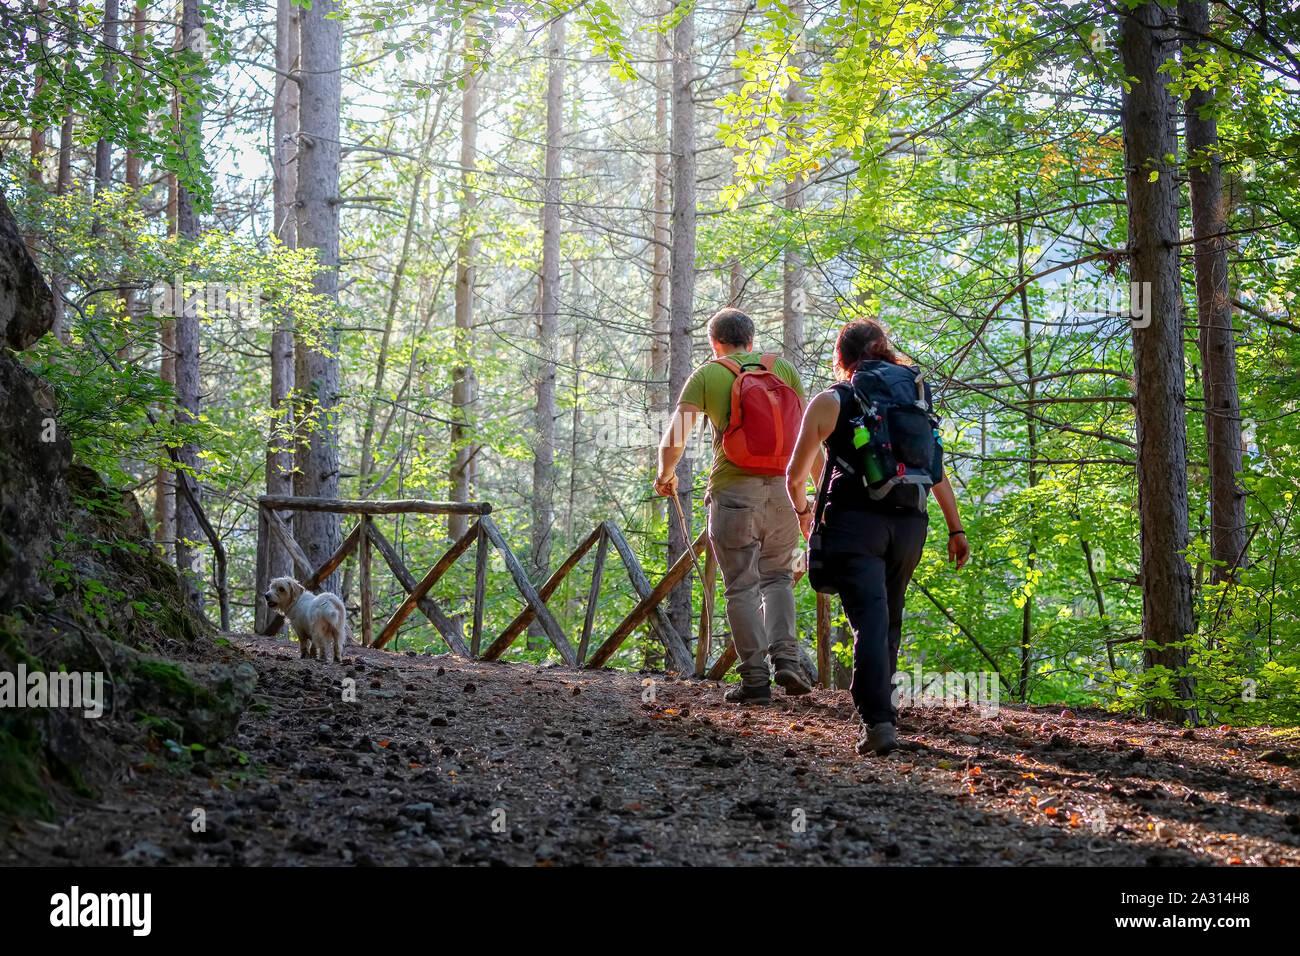 Villetta Barrea (AQ), Italien - 29 September, 2019: Wanderer auf dem Berg Pfad in den Wald, in der Natur. Ein Mann, eine Frau und ihr Hund, zu Fuß auf den Weg, Stockfoto